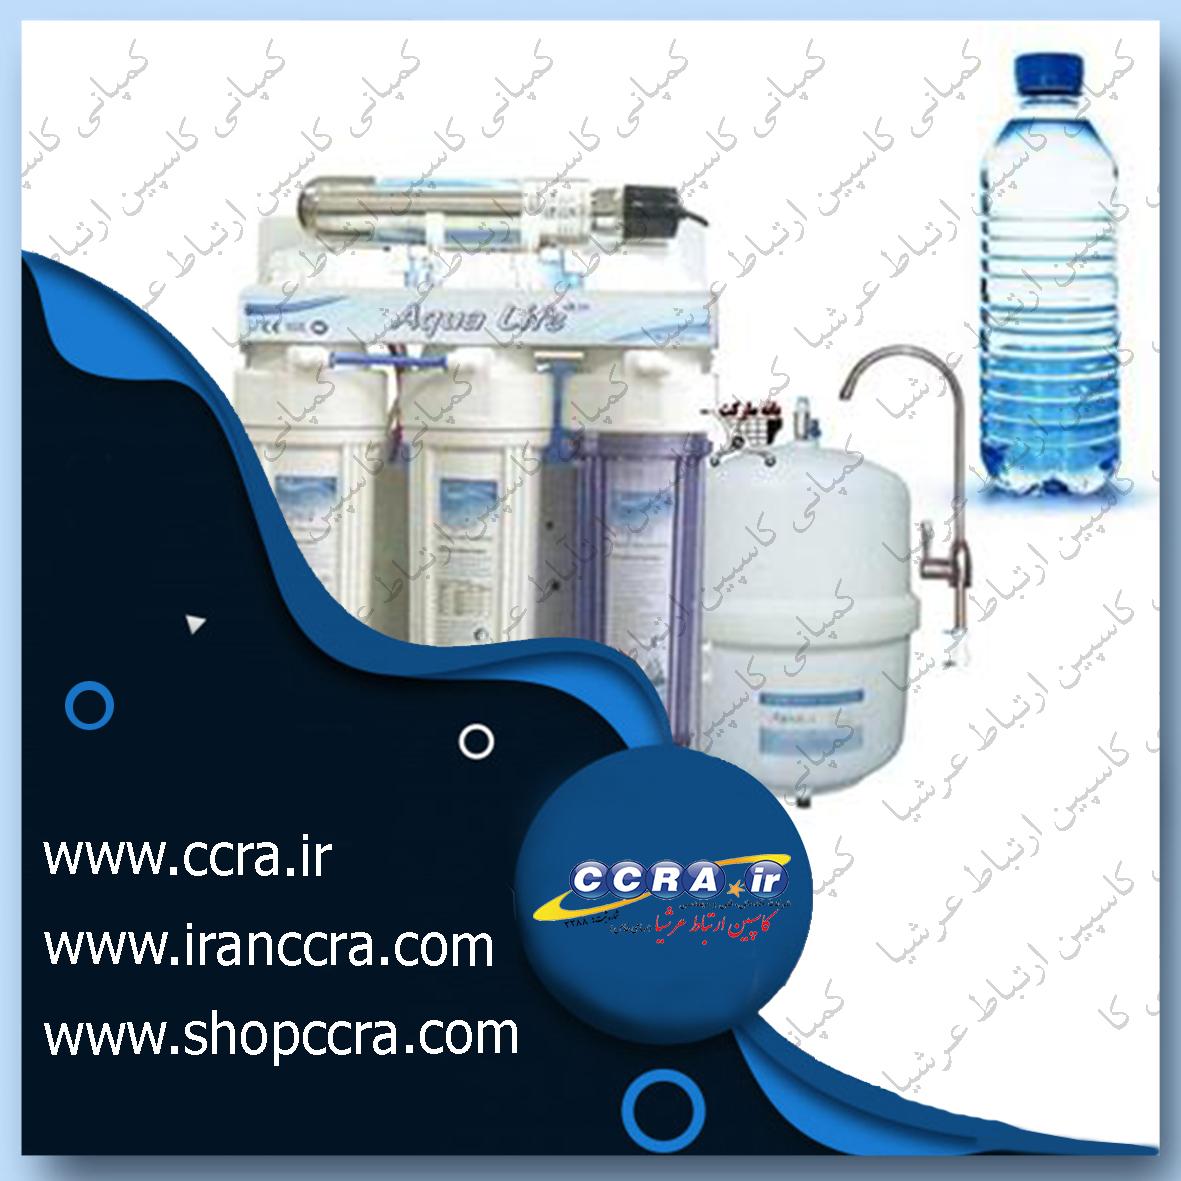 مزایا استفاده از دستگاه های تصفیه آب خانگی آکوا لایف به نسبت مصرف بطری های آب معدنی